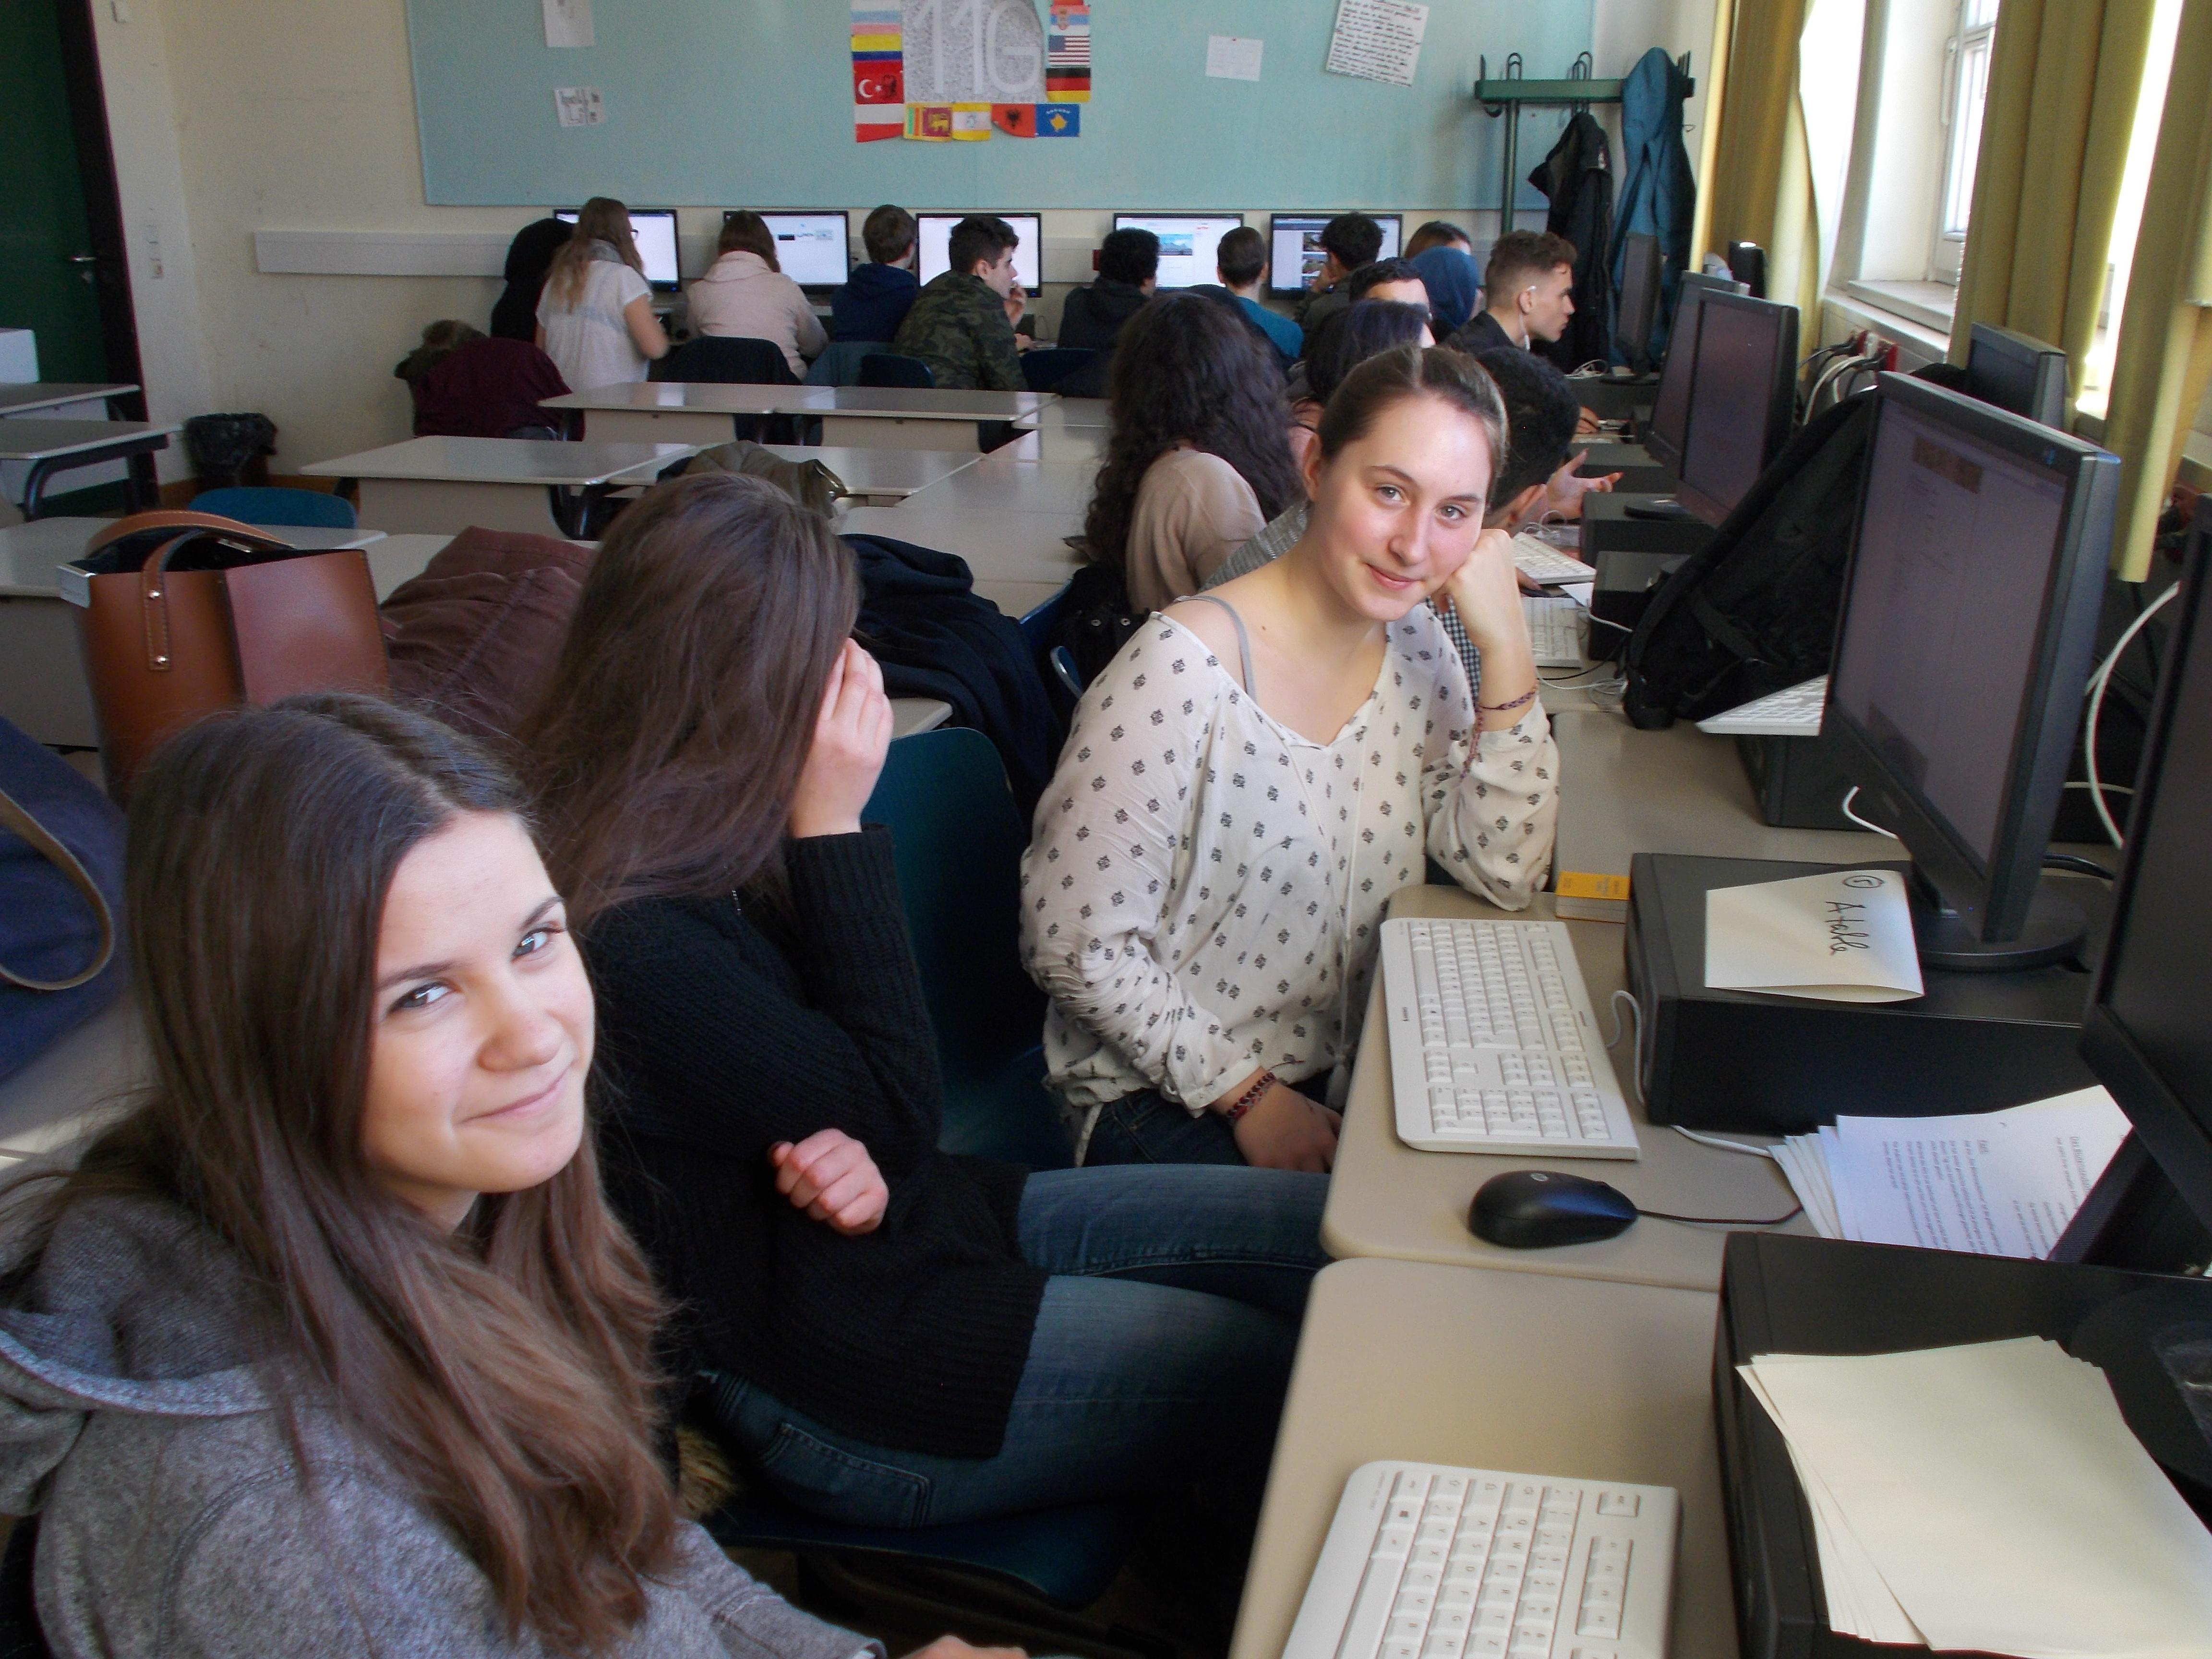 Die Schüler/innen bearbeiten die Aufgaben an den Rechnern.